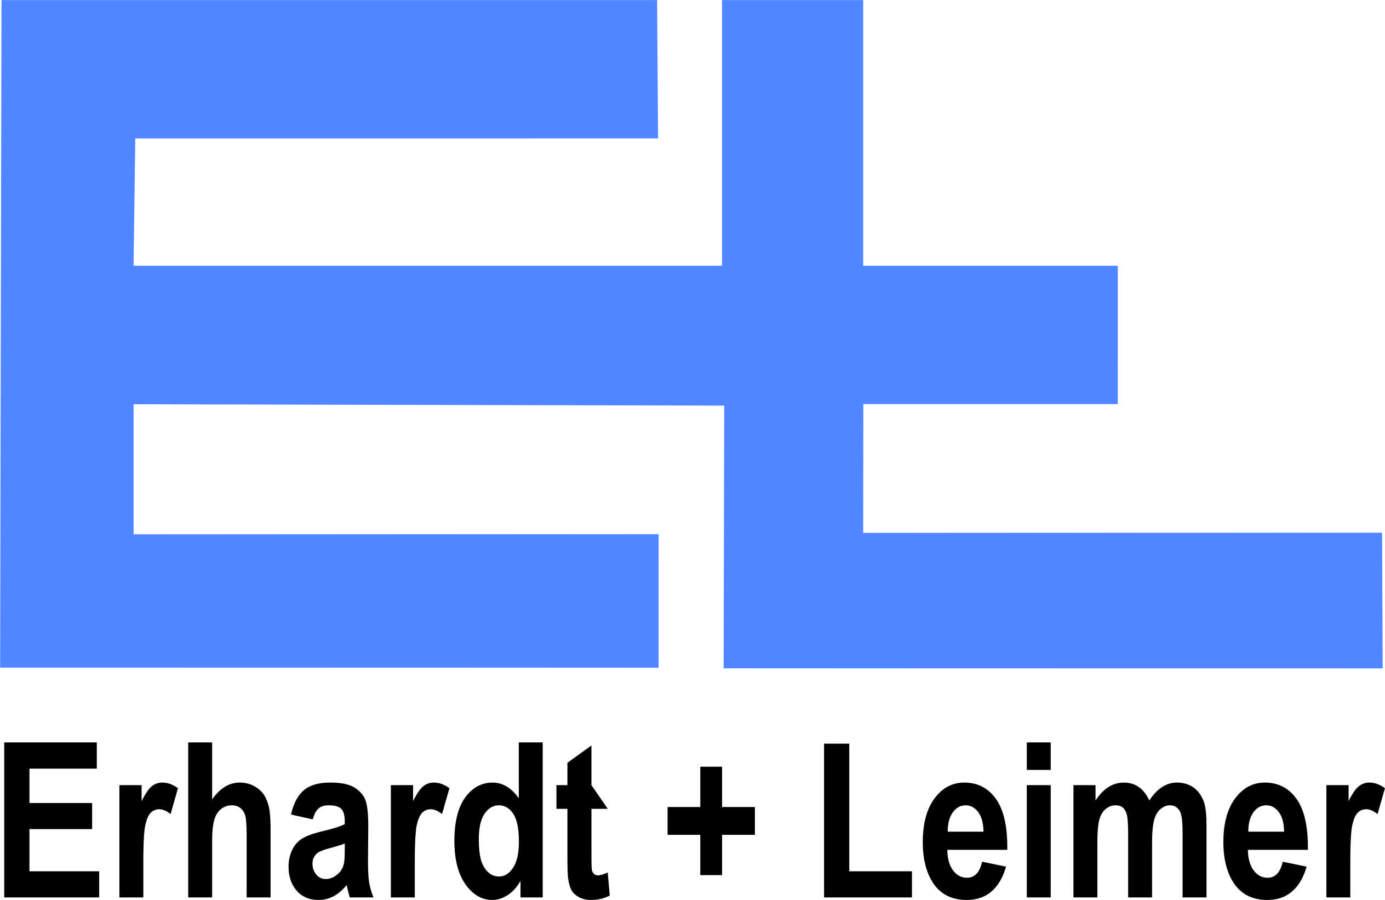 ERHARDT-LEIMER GmbH